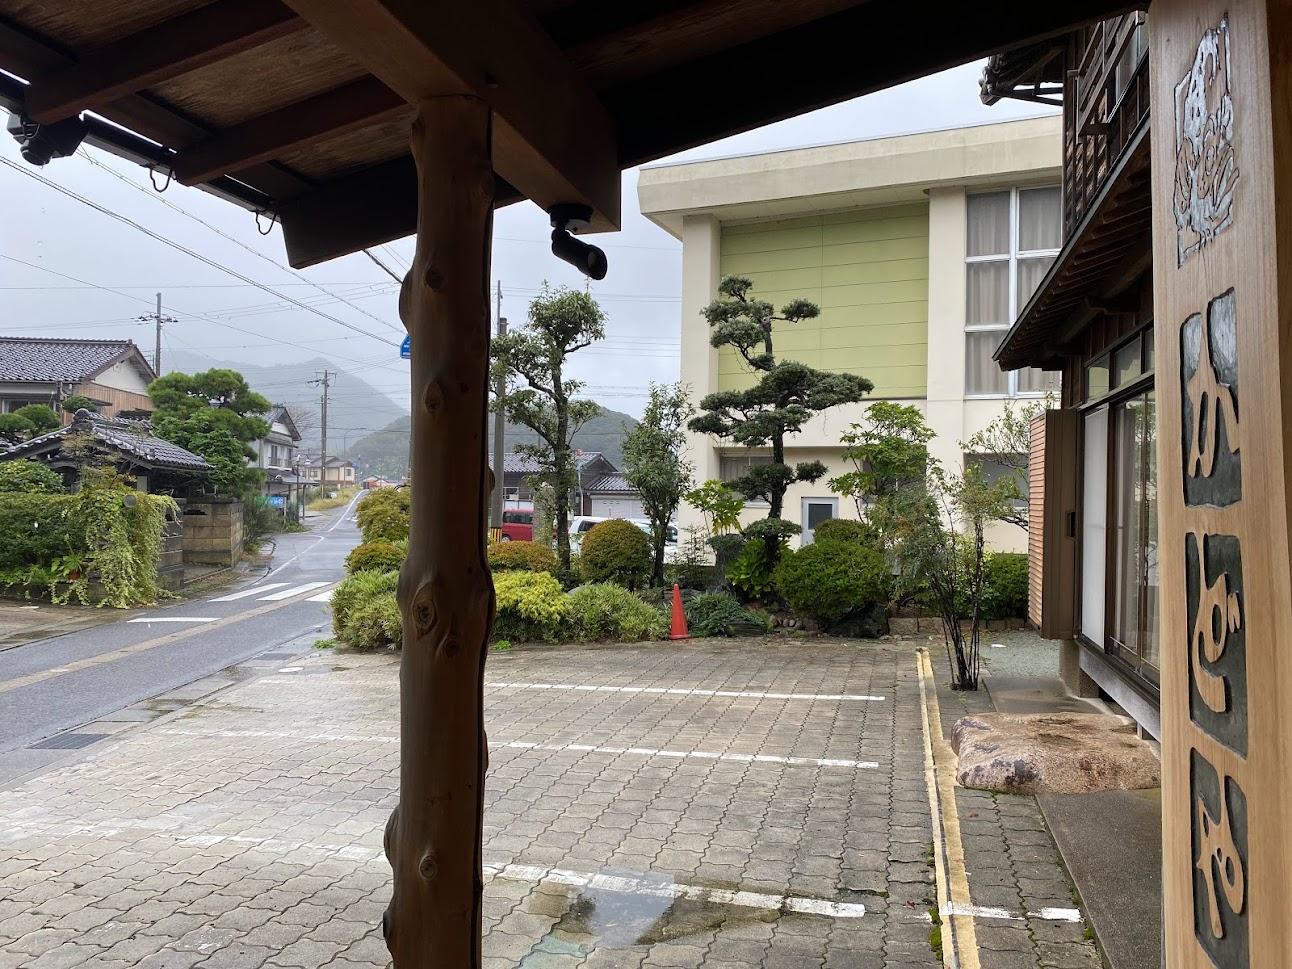 一昨日10月12日、雨の玄関にて。この日は終日雨模様でした